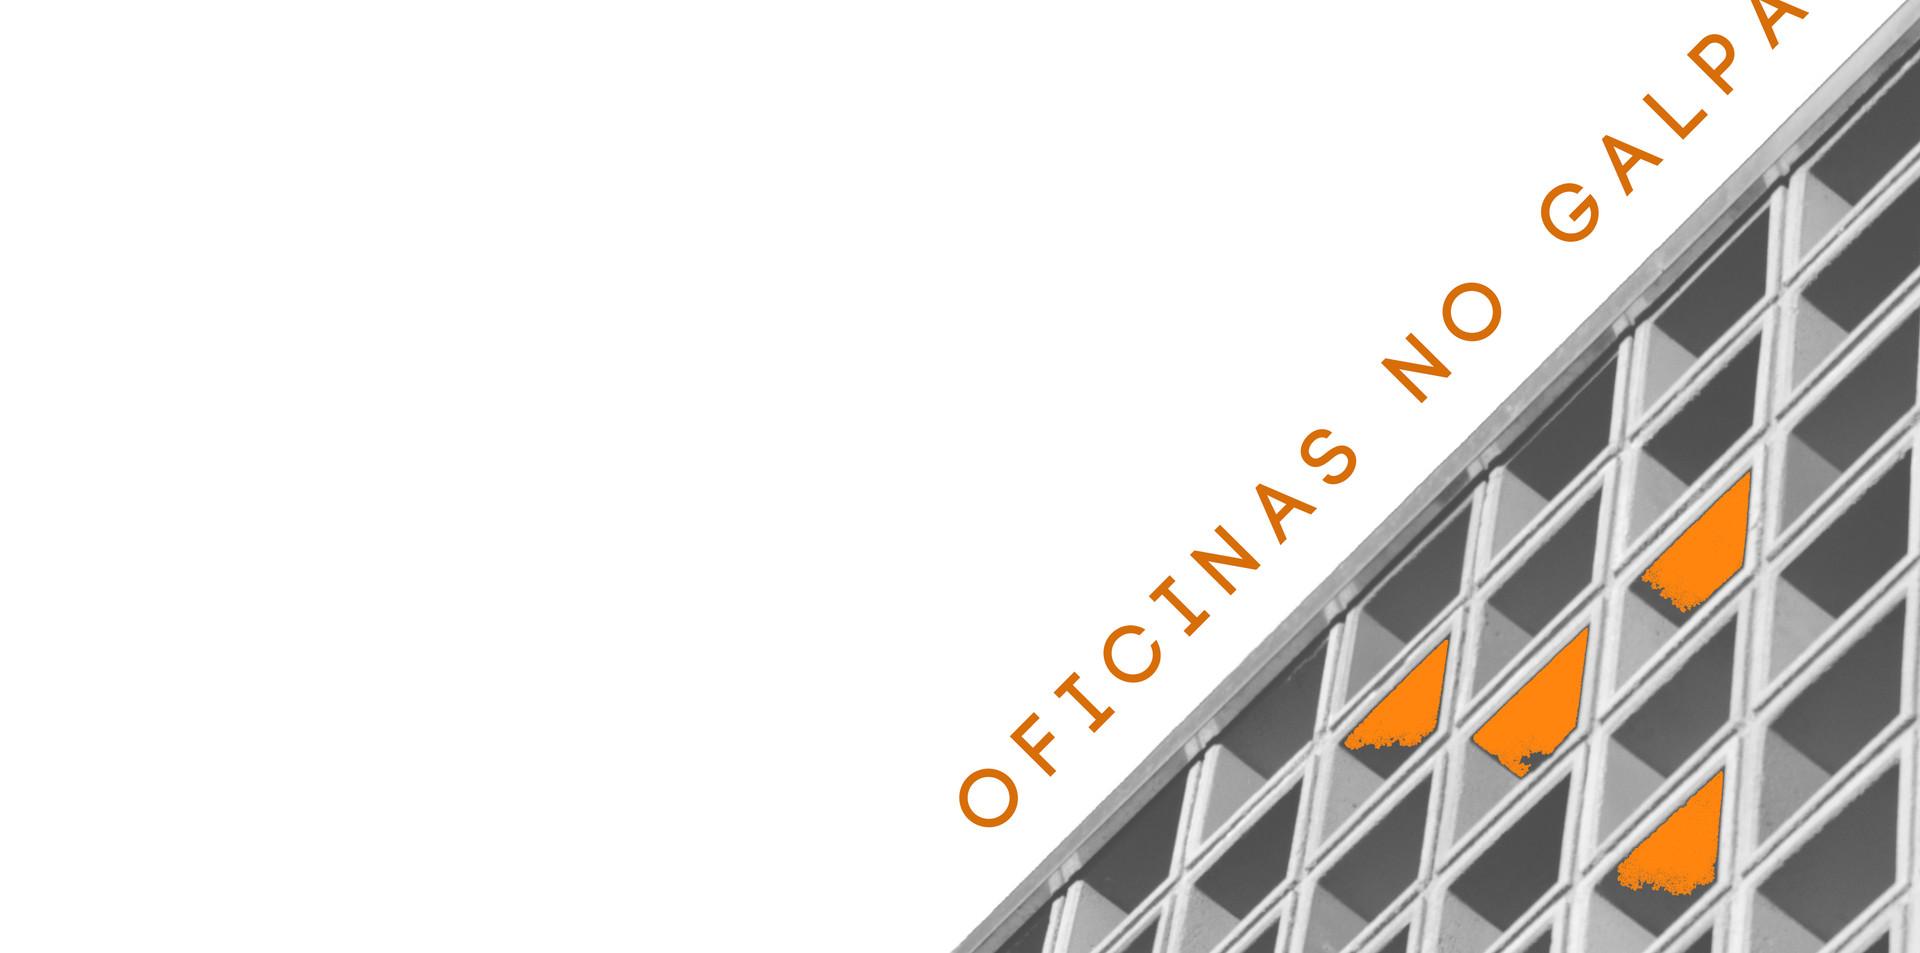 Oficinas_no_galpão01.jpg